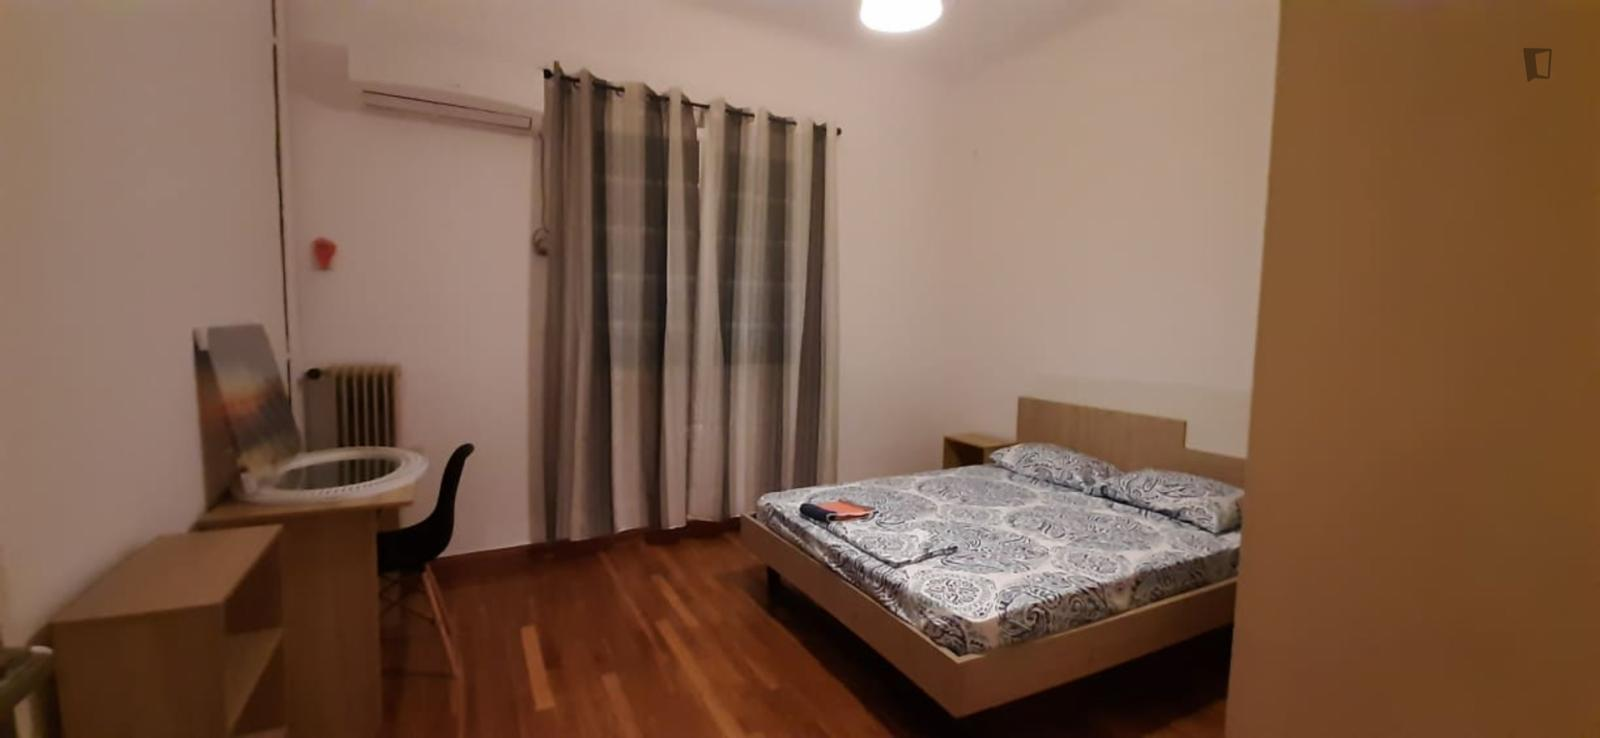 Mithimnis, Athens, WI - 290 EUR/ month